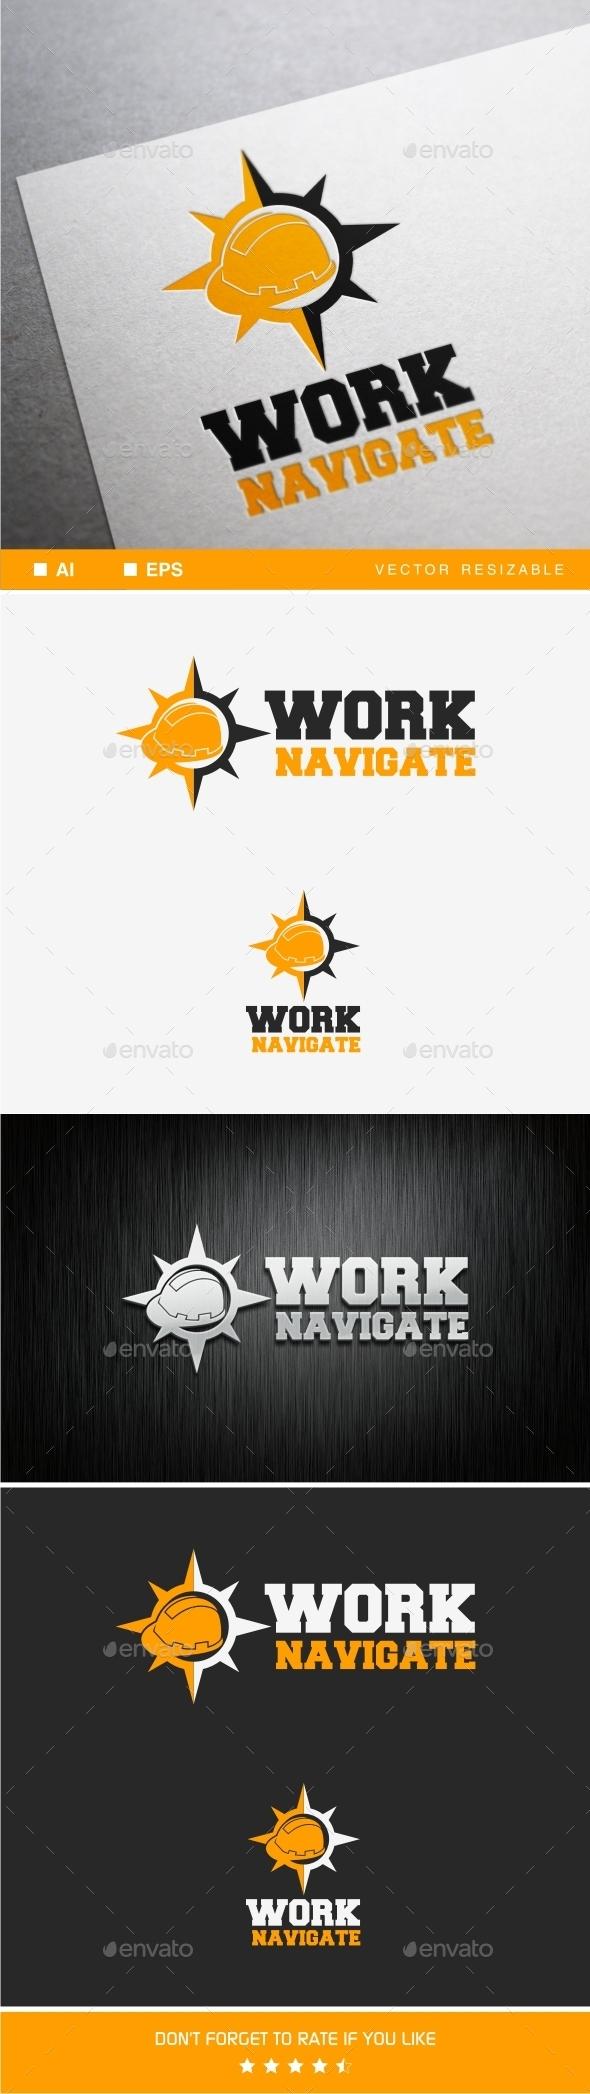 GraphicRiver Work Navigator 9375351